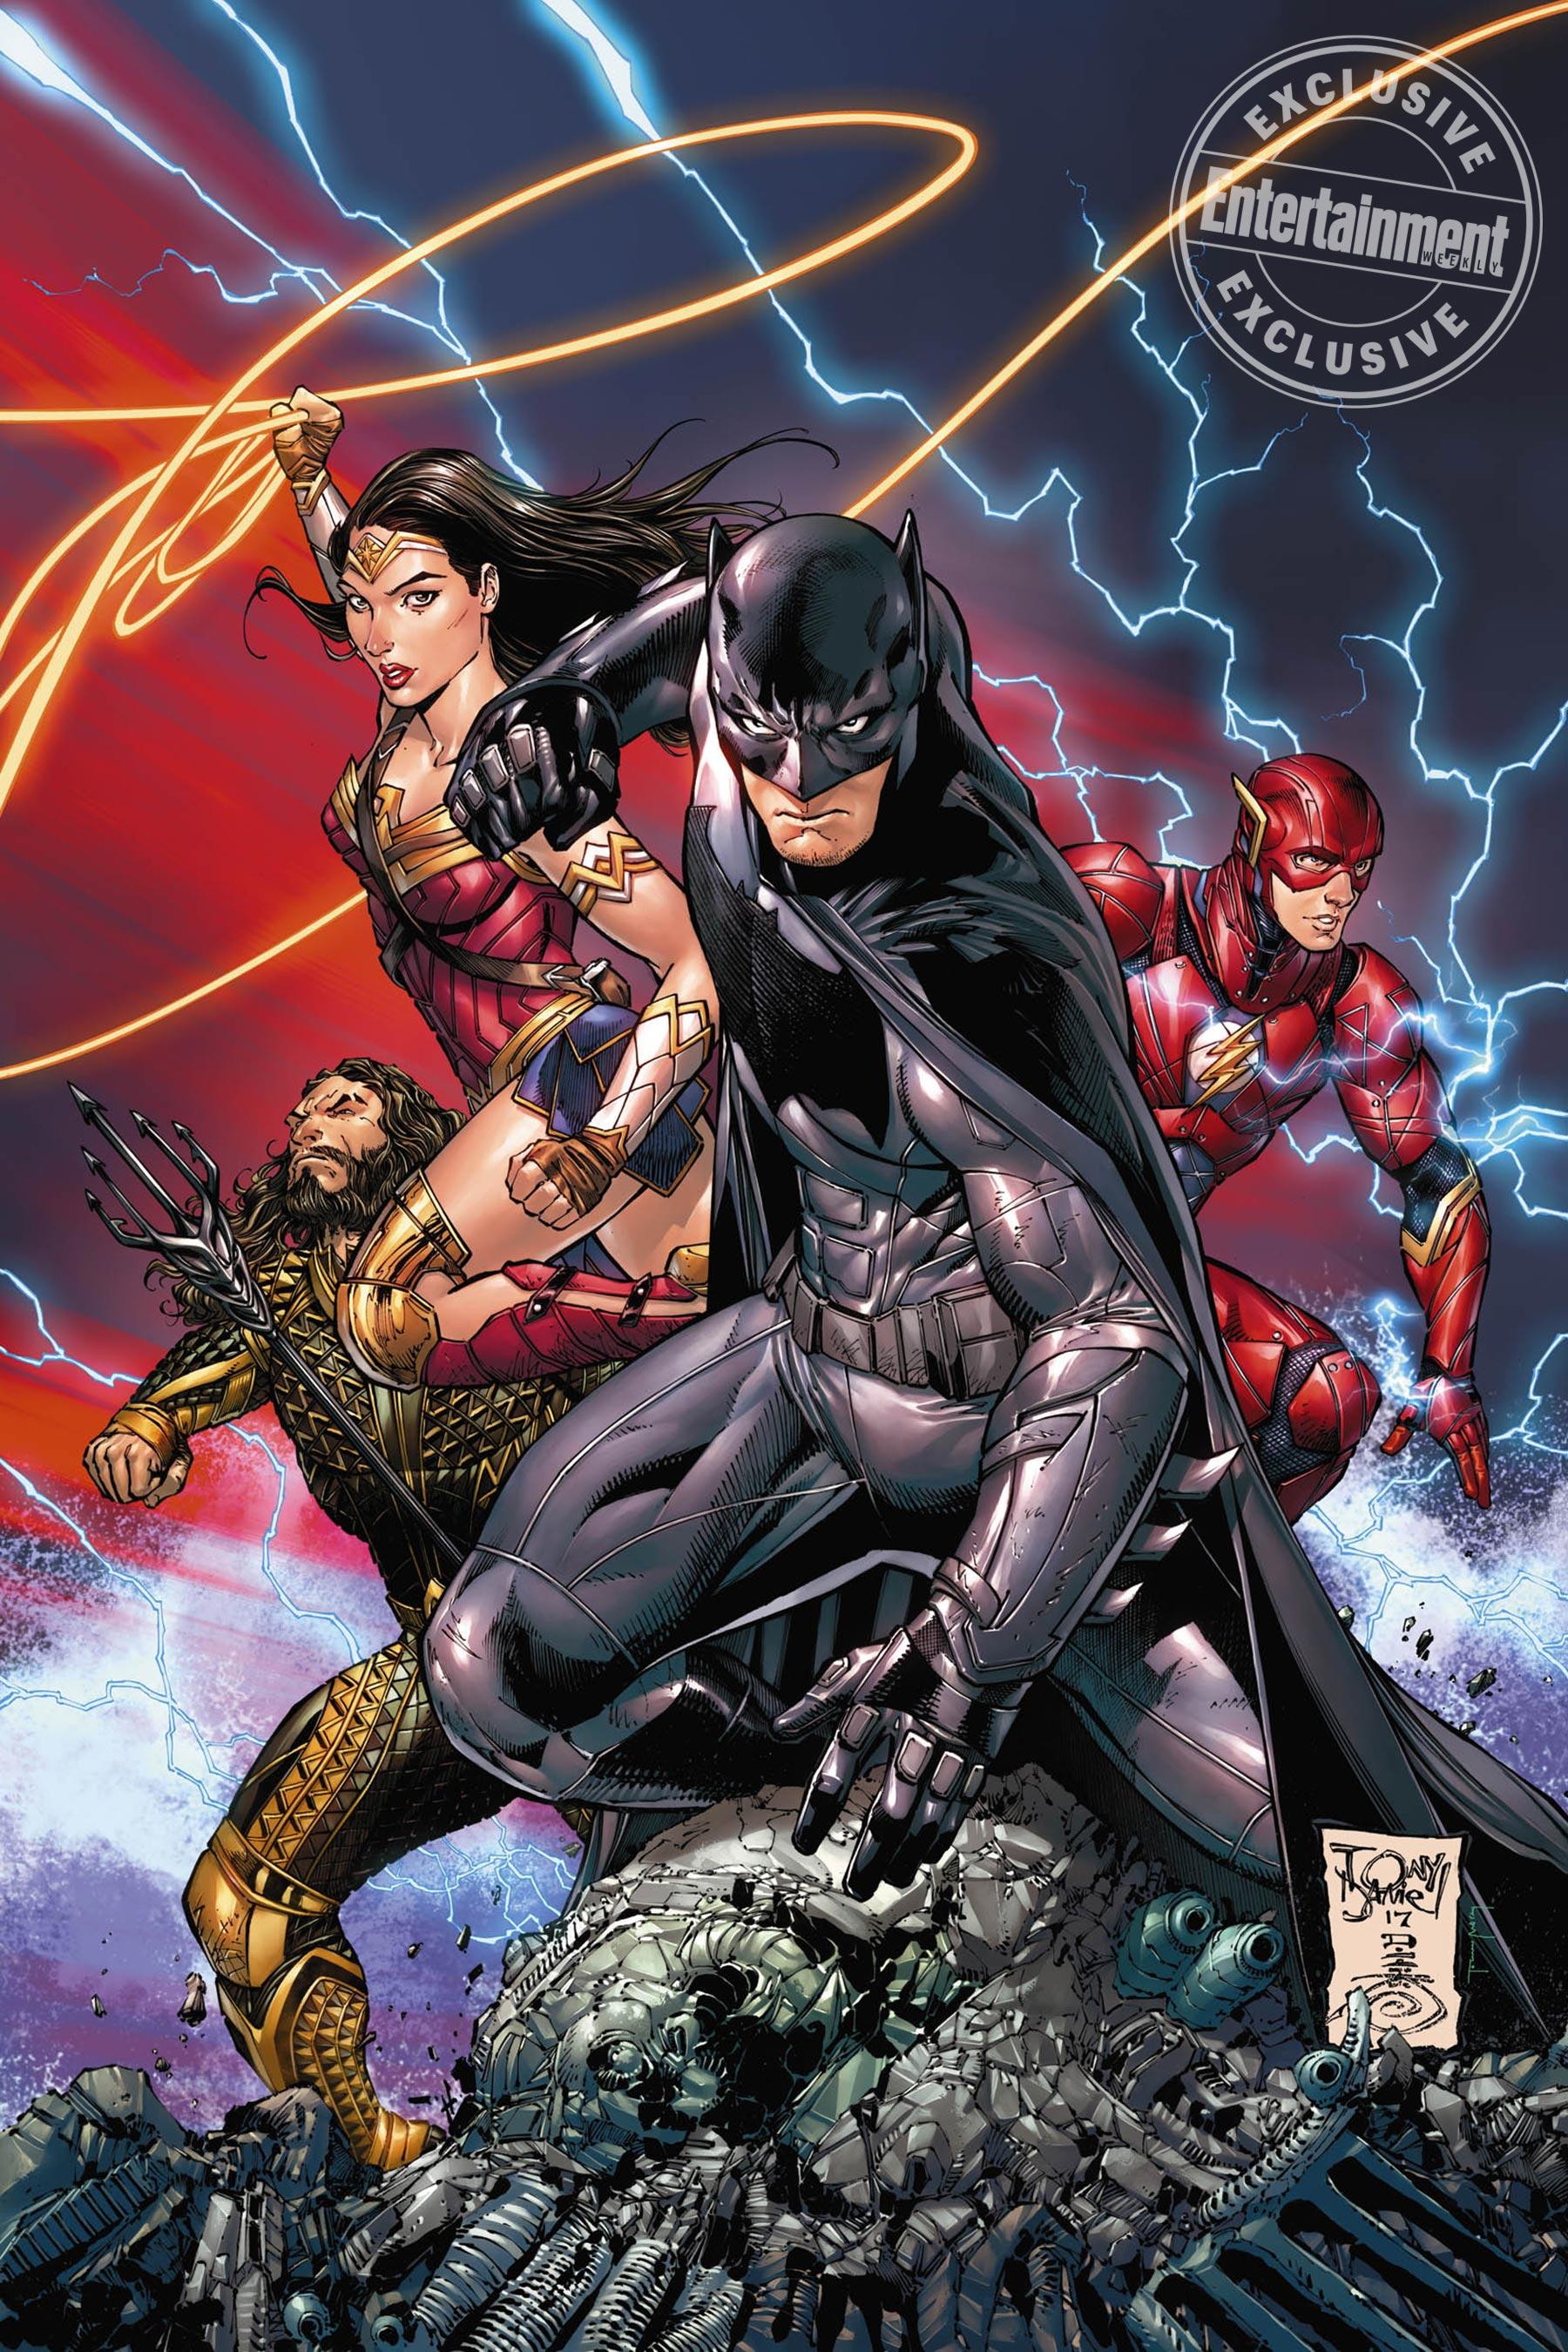 BATMAN #34 variáns borító, Tony S. Daniel munkája, november 1-jén jelenik meg